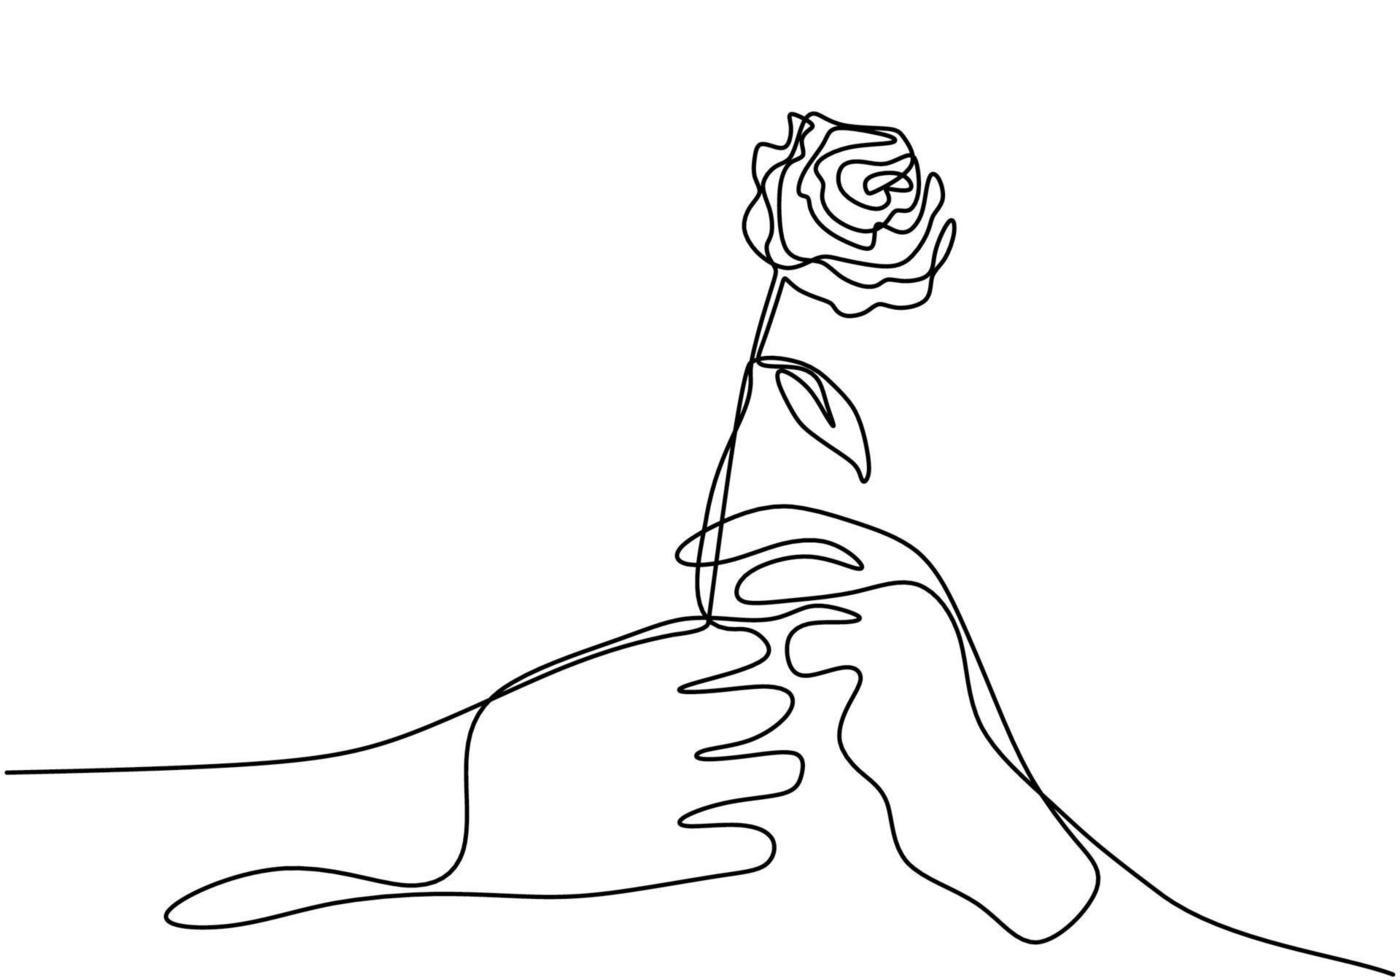 mano dando un fiore continuo un disegno a tratteggio. l'uomo della mano tiene una rosa e la dà a qualcuno. carattere una coppia romantico design minimalista disegnato a mano su sfondo bianco. illustrazione vettoriale